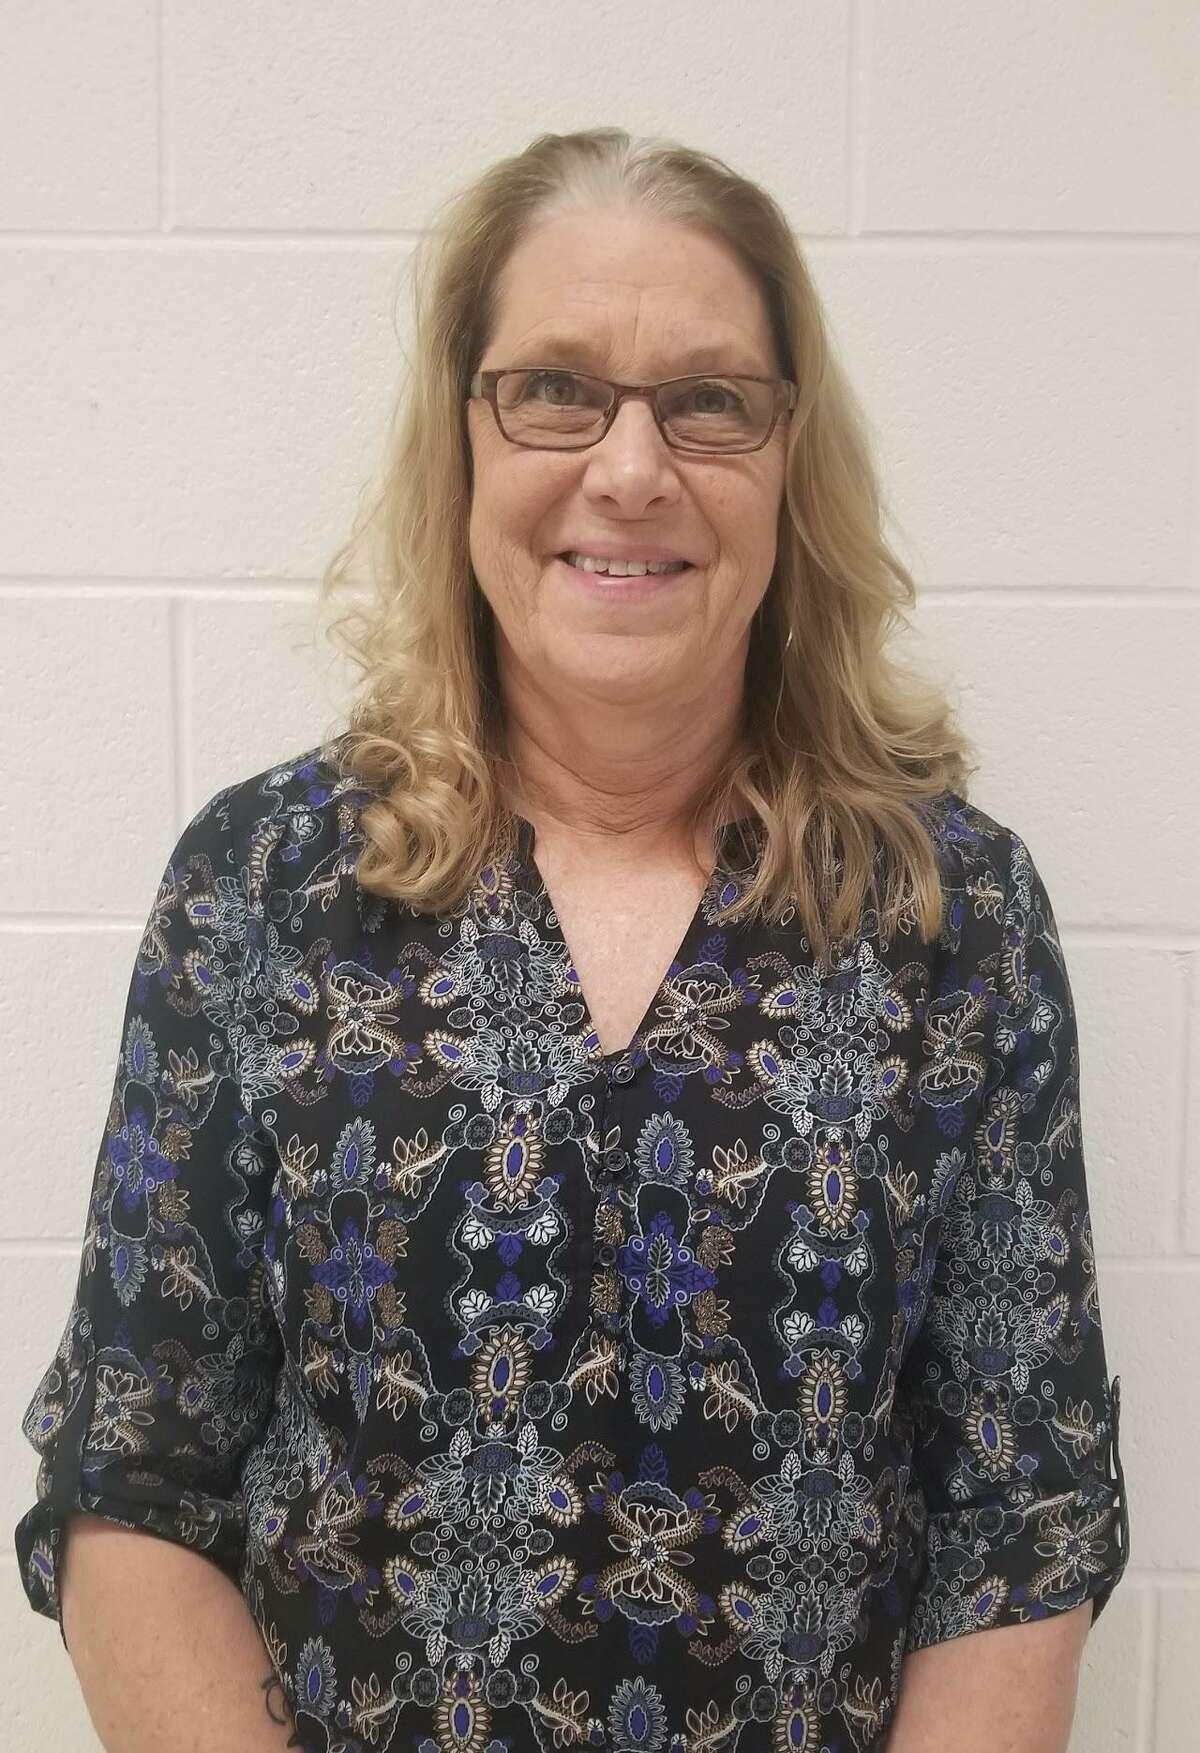 East Haven Board of Education member Elizabeth Esposito